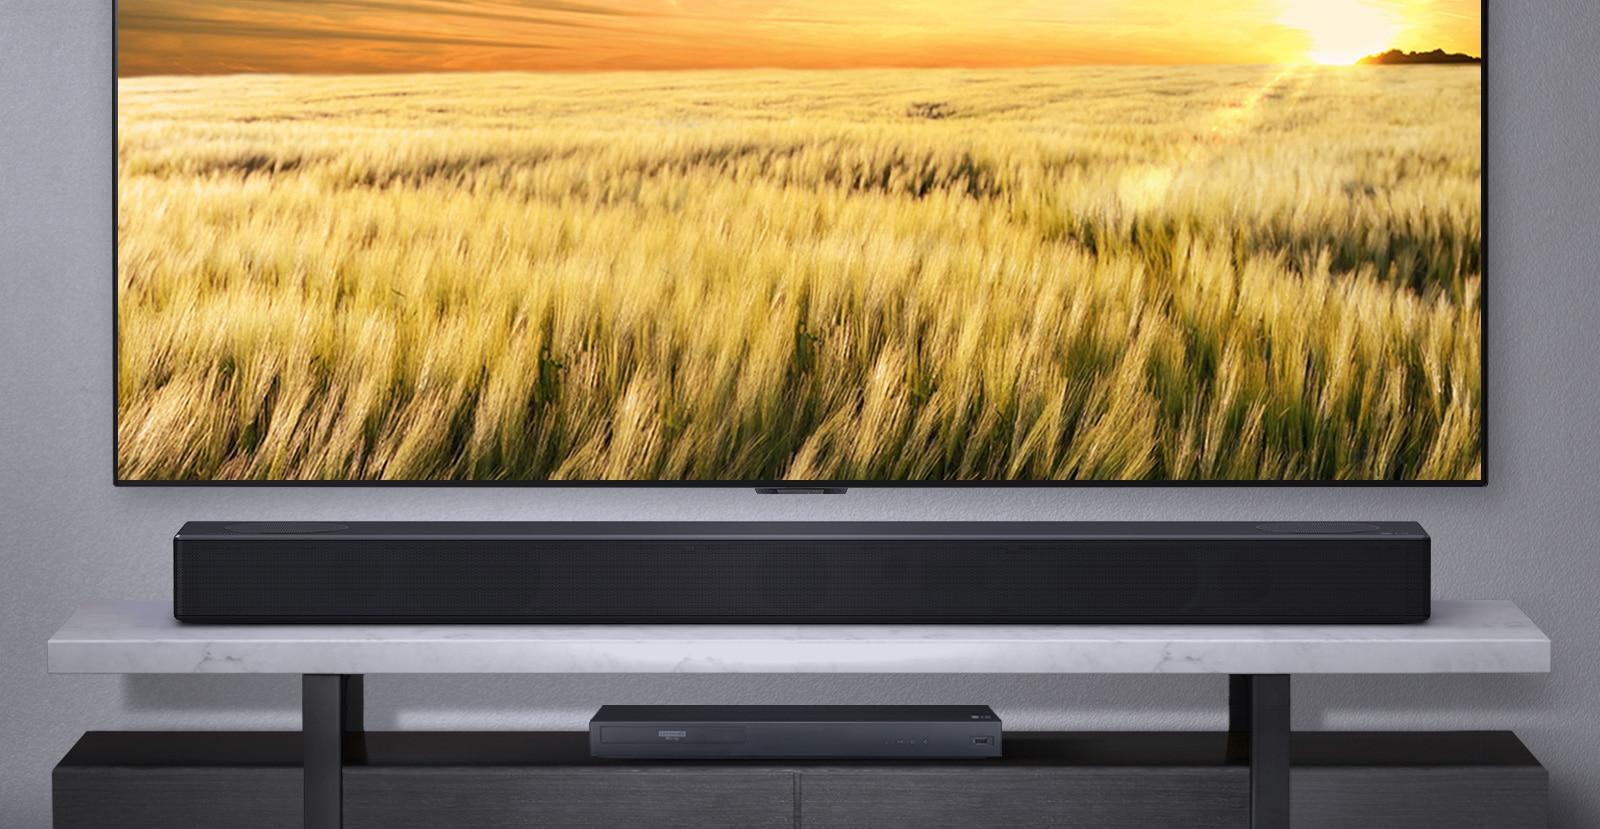 Frontal de la barra de sonido encima del estante con el televisor conectado y el reproductor blue ray